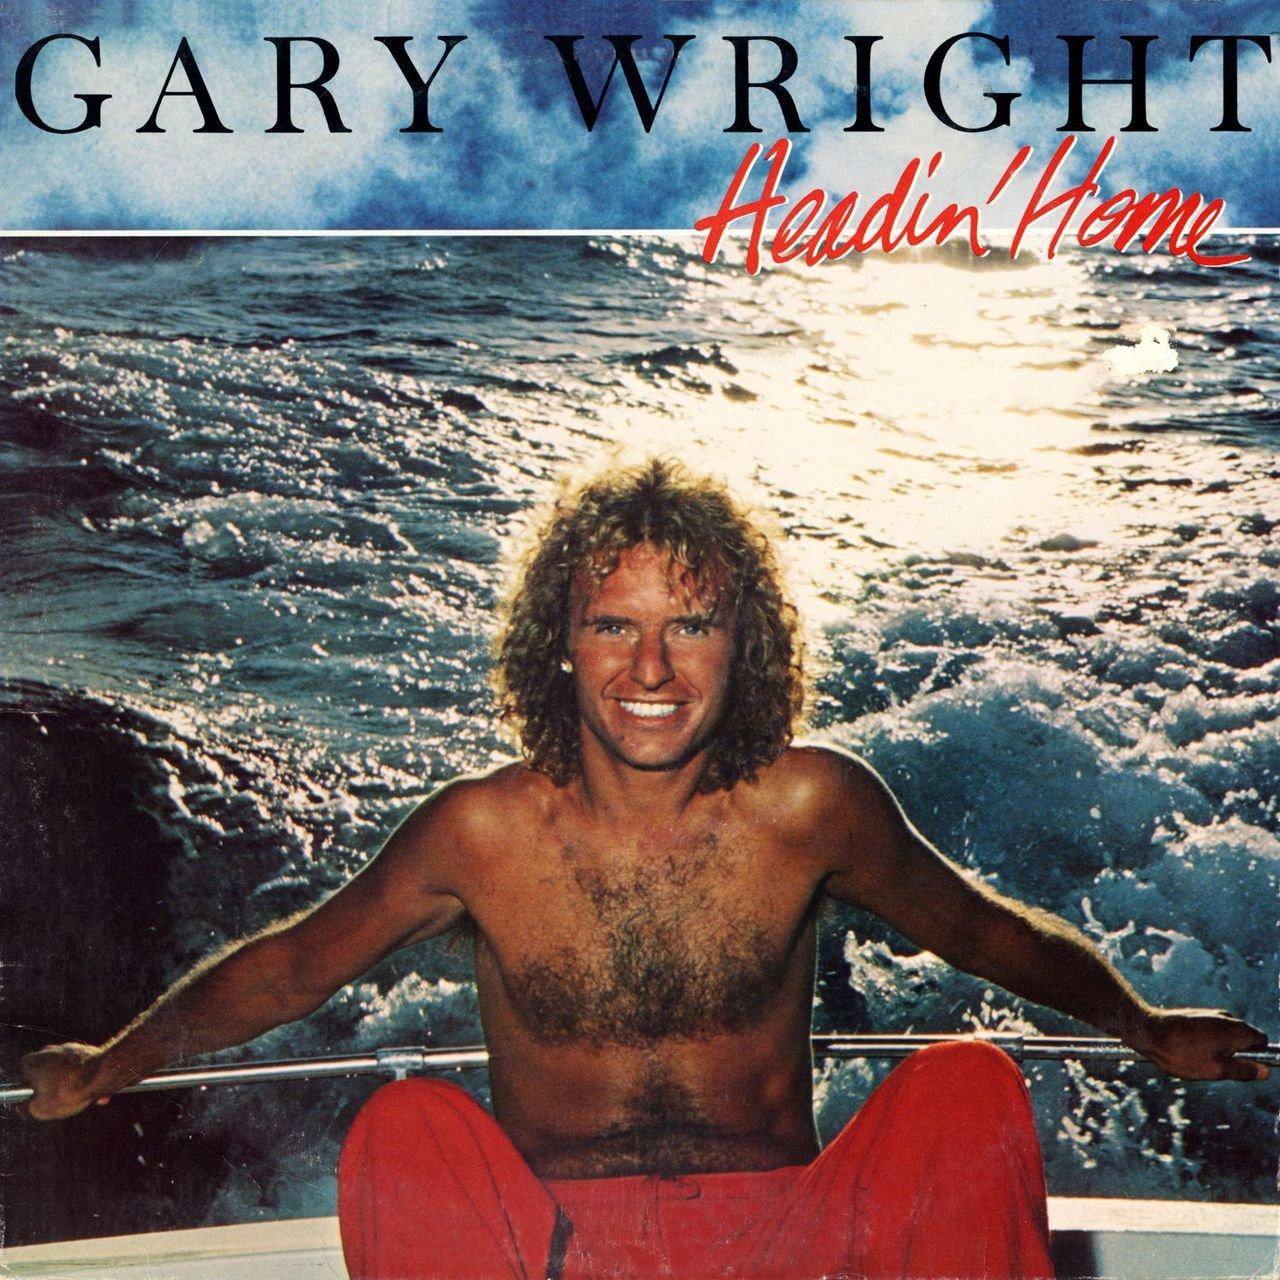 1979 Gary Wright – Headin' home